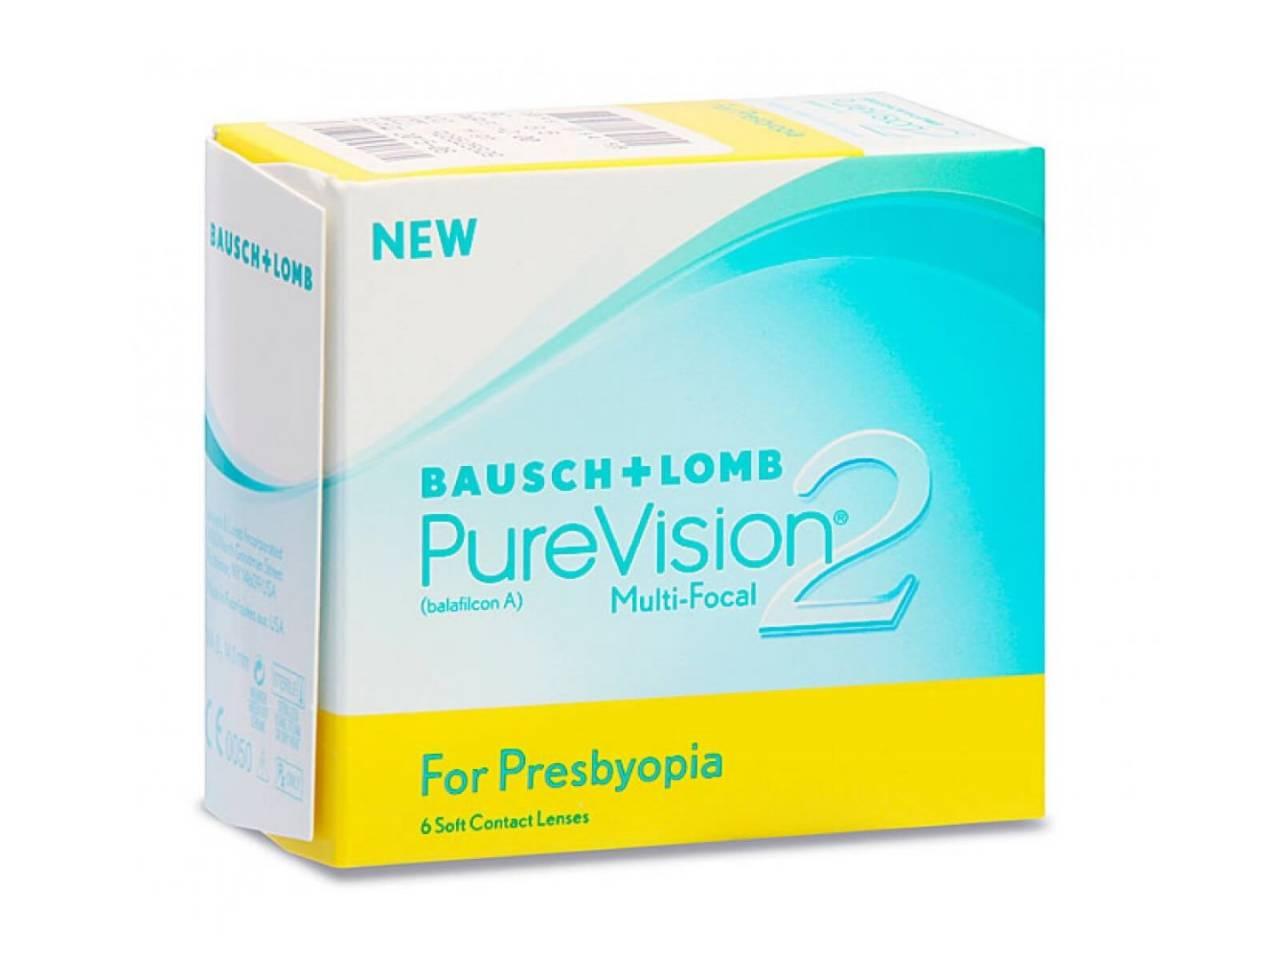 Мультифокальные контактные линзы Bausch+Lomb Pure Vision 2 Multi-Focal - Фото №7